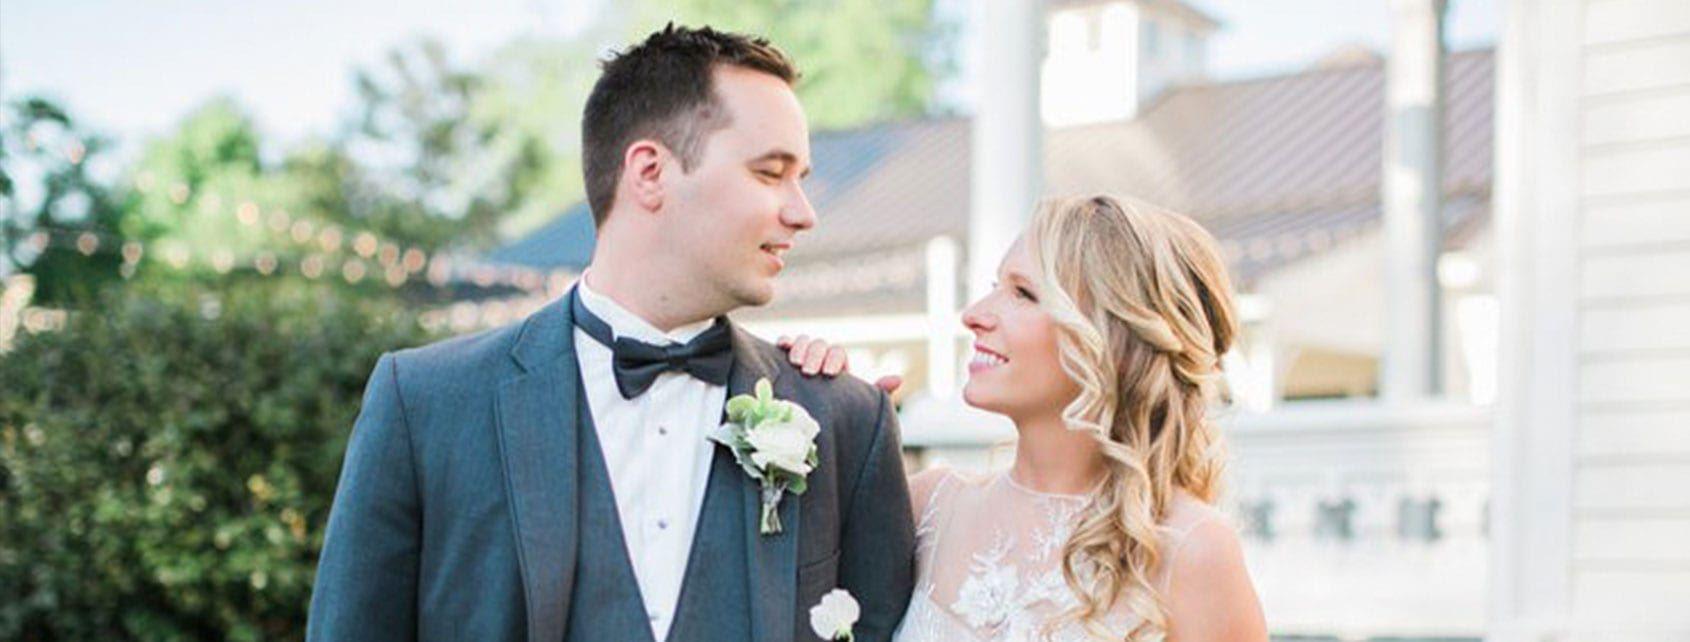 Meri Scott and David's wedding